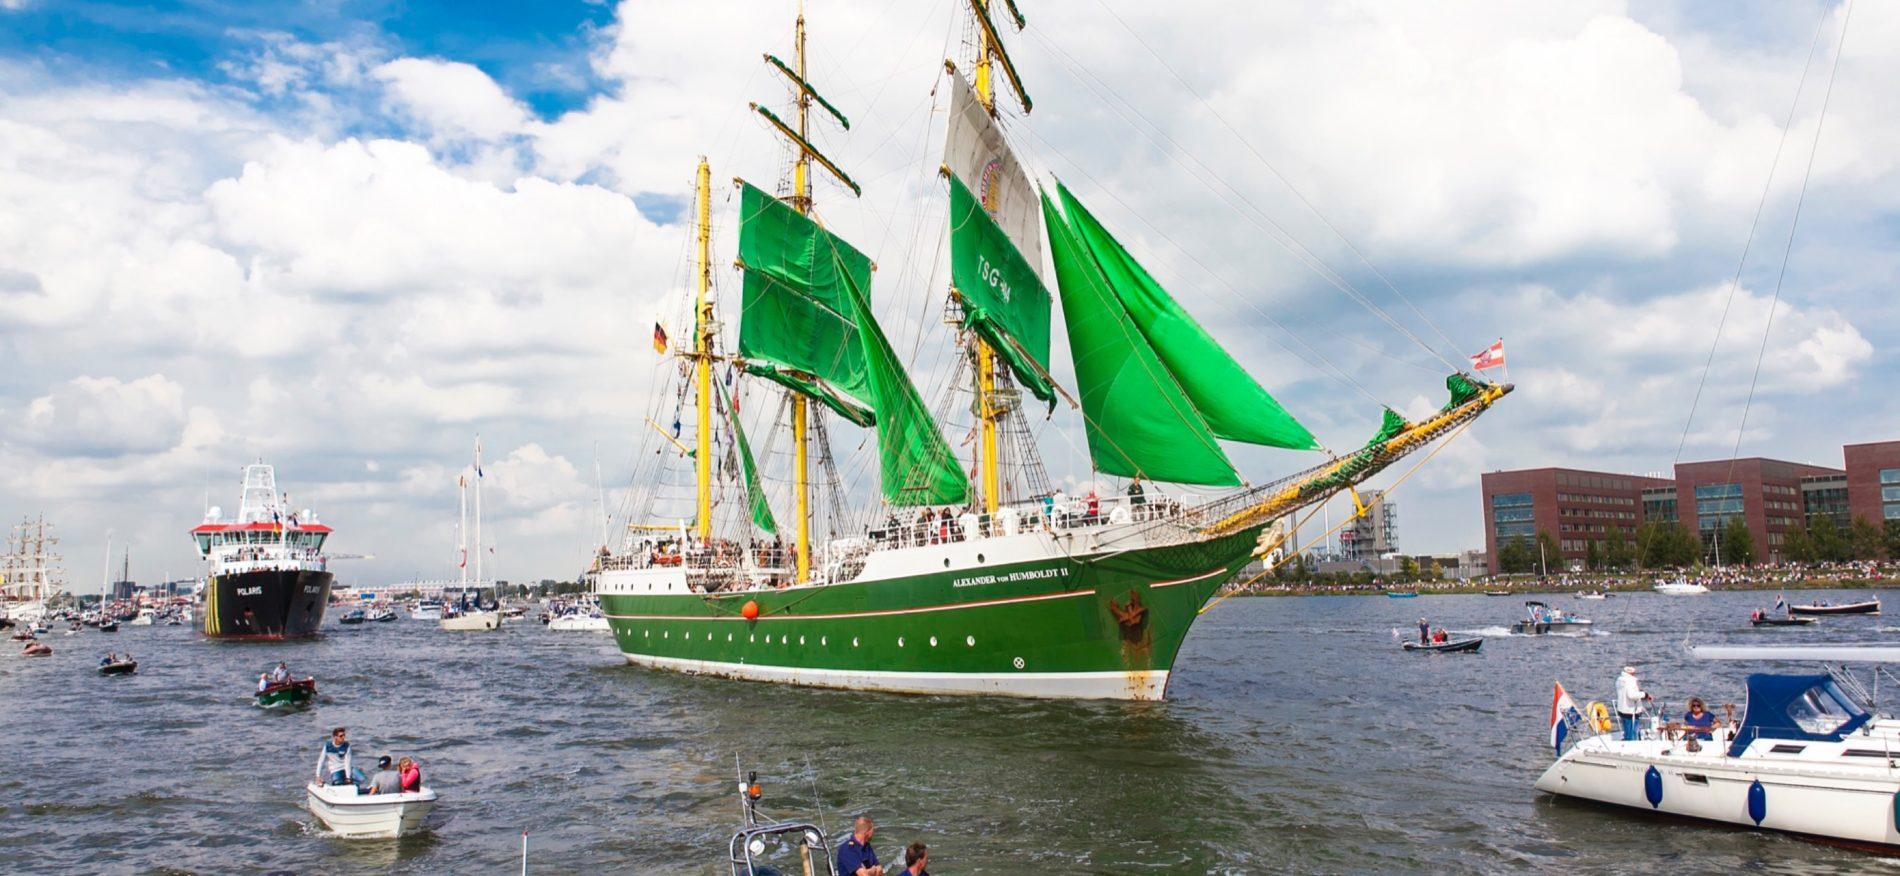 Groen Tall Ship met groene zeilen vaart door Amsterdam